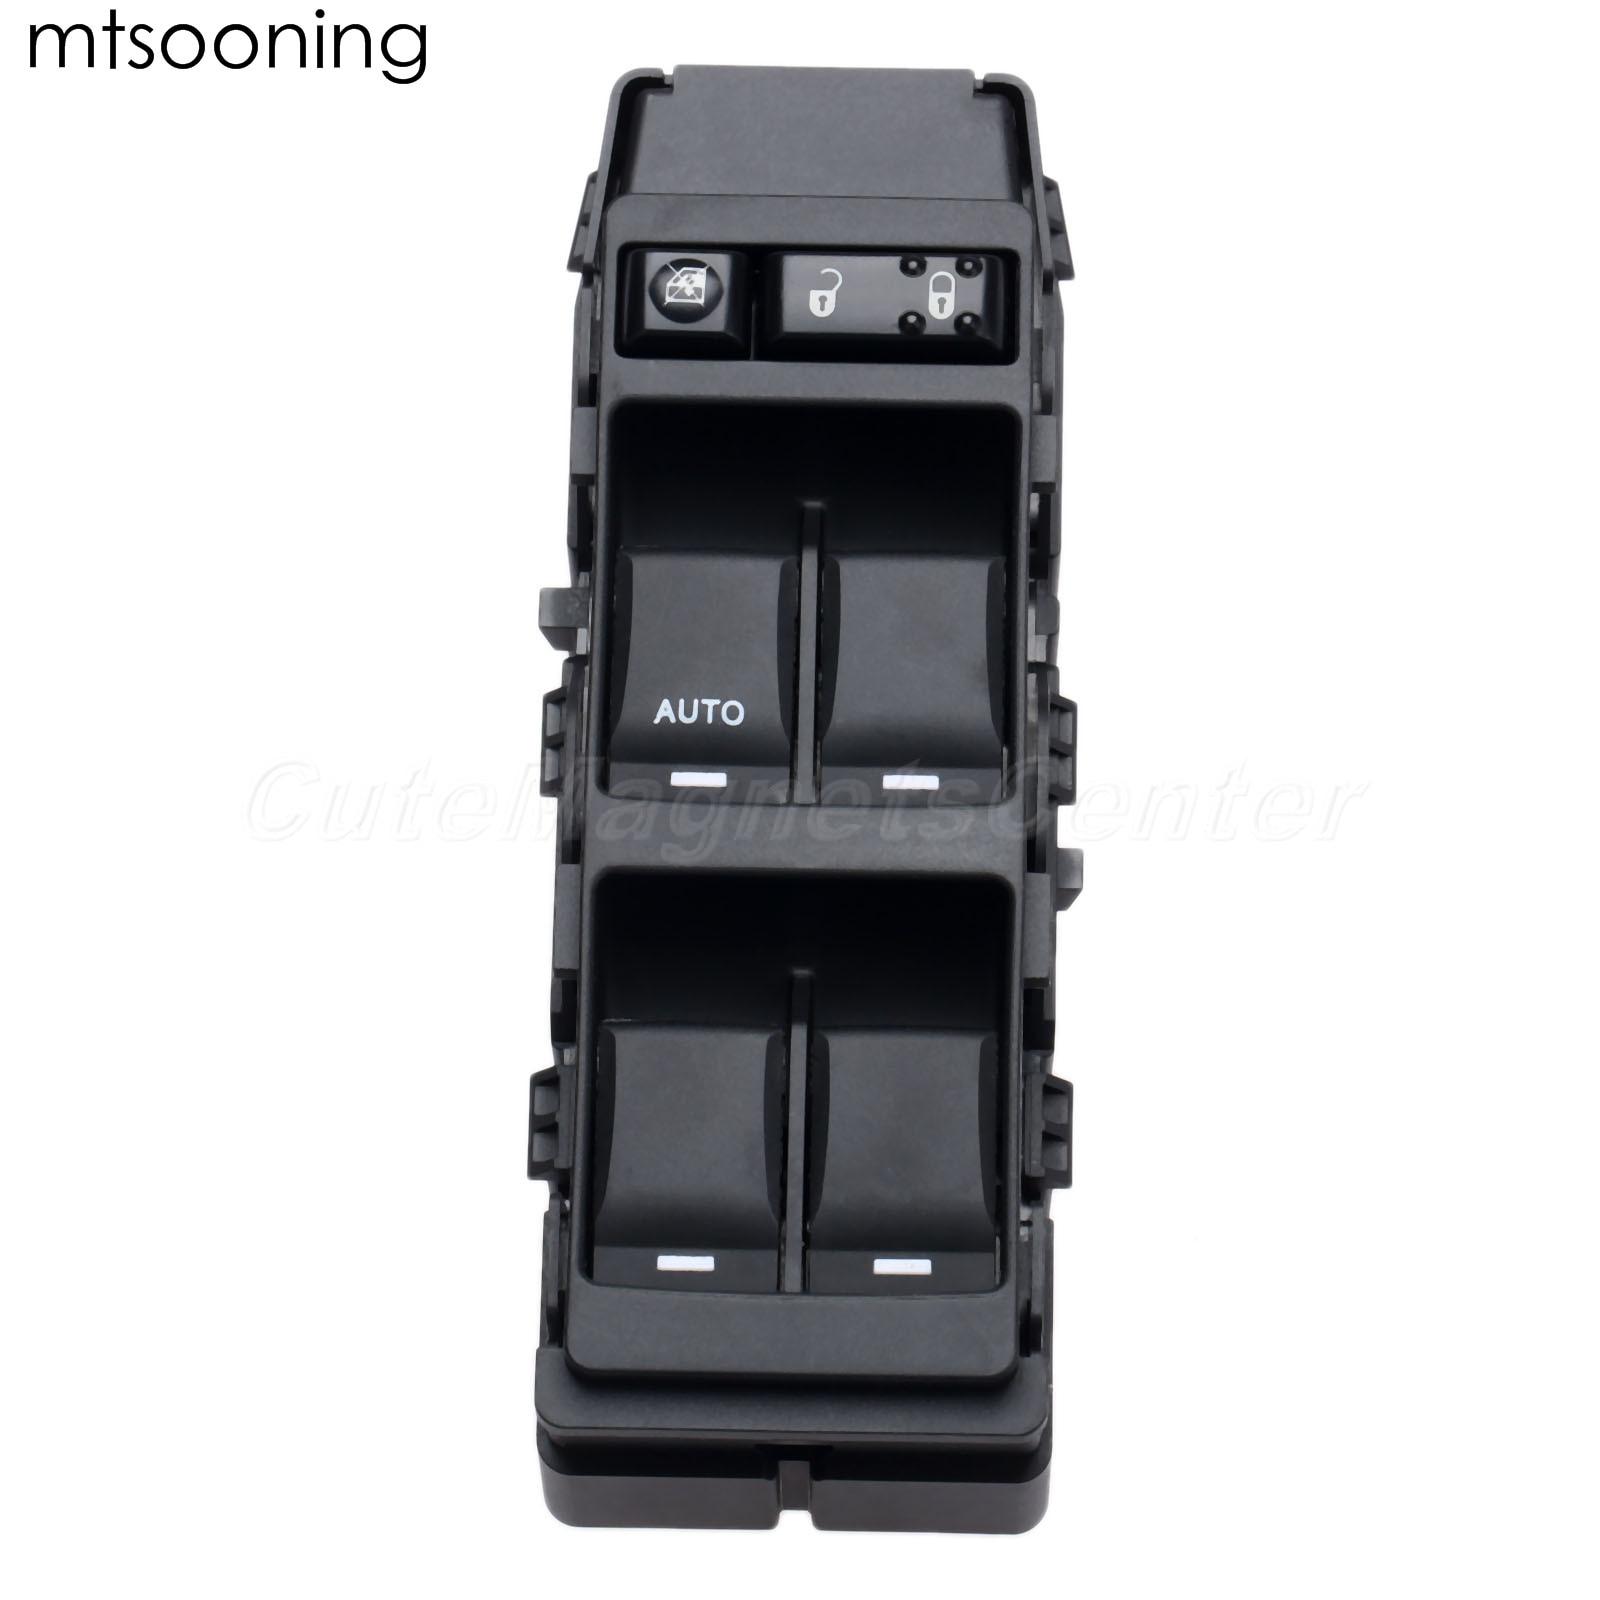 Mtsooning Power Window Switch 04602780aa For Chrysler 300 Sebring Dodge Avenger Caliber Charger